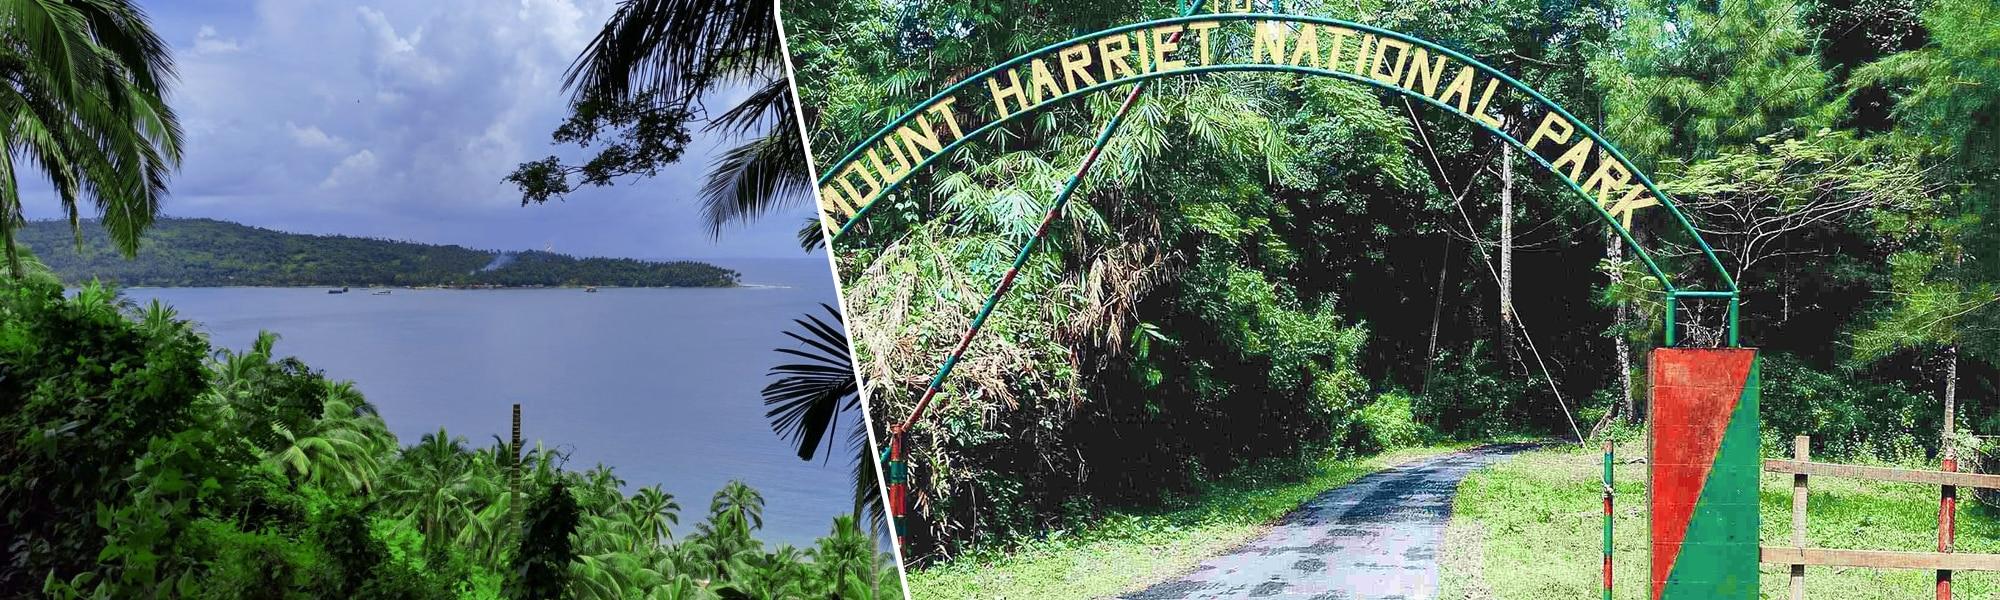 Mount Harriet